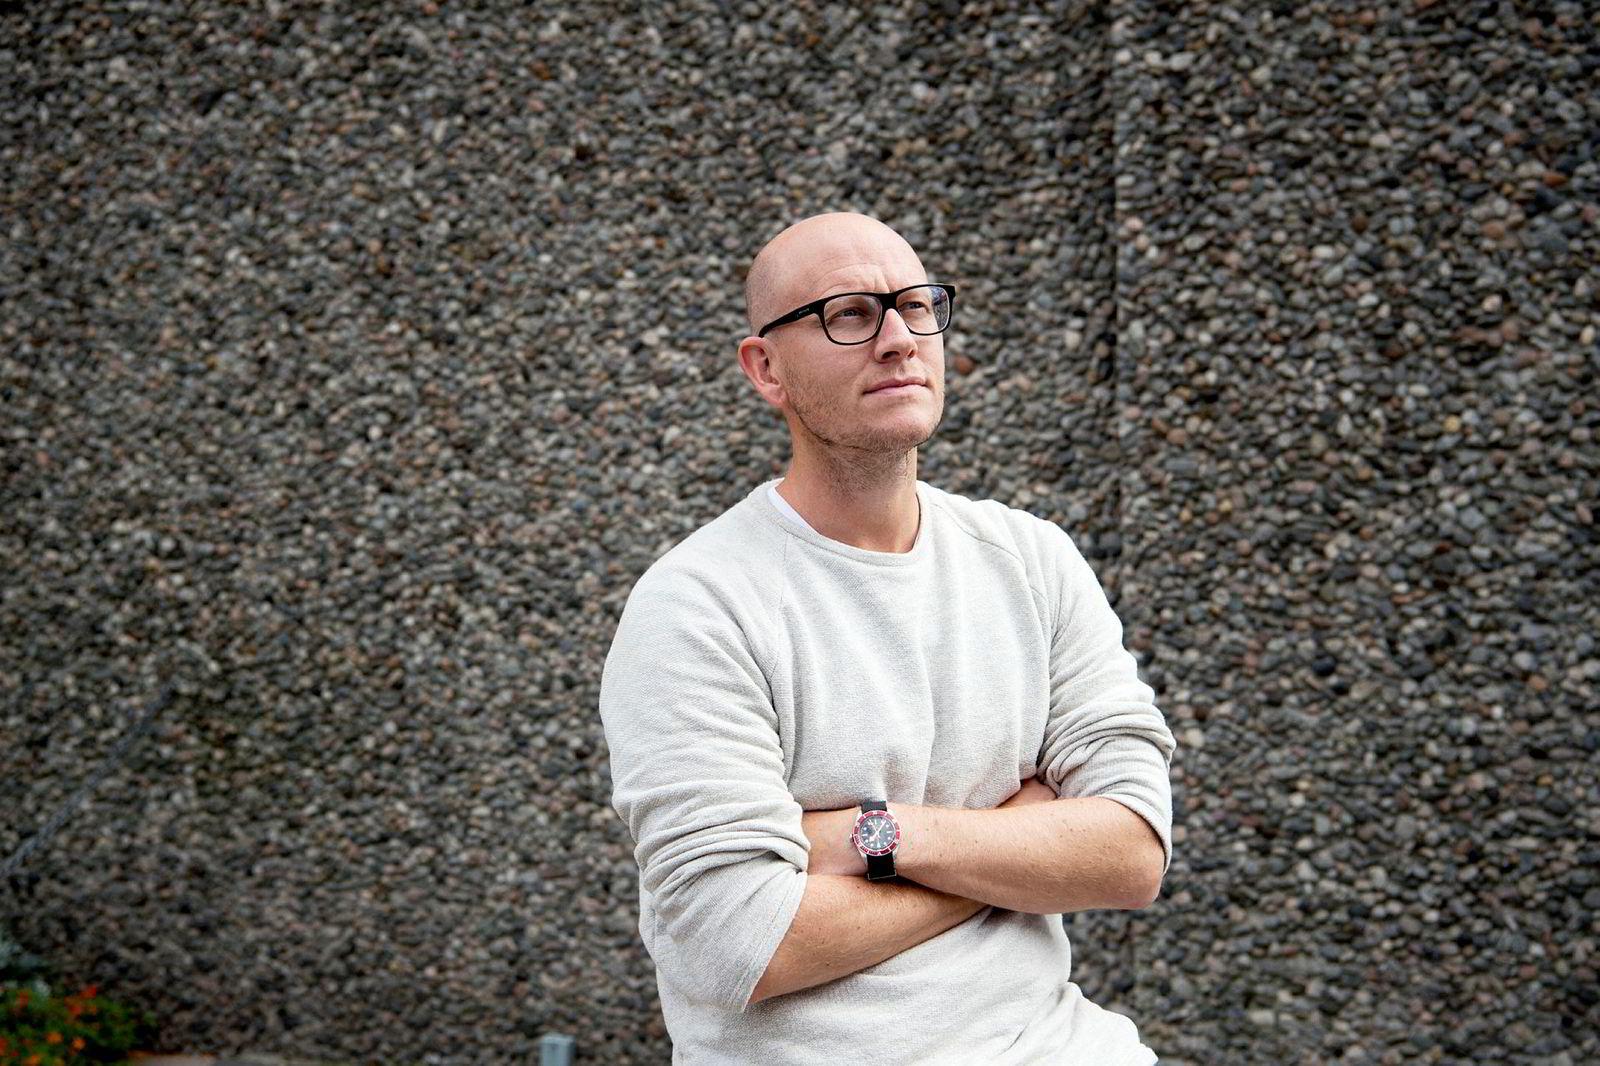 Ola Stenberg, digitalredaktør i VG, mener podkast er godt egnet til å engasjere publikum og har troen på at interessen fra annonsører tar seg opp når markedet modnes.